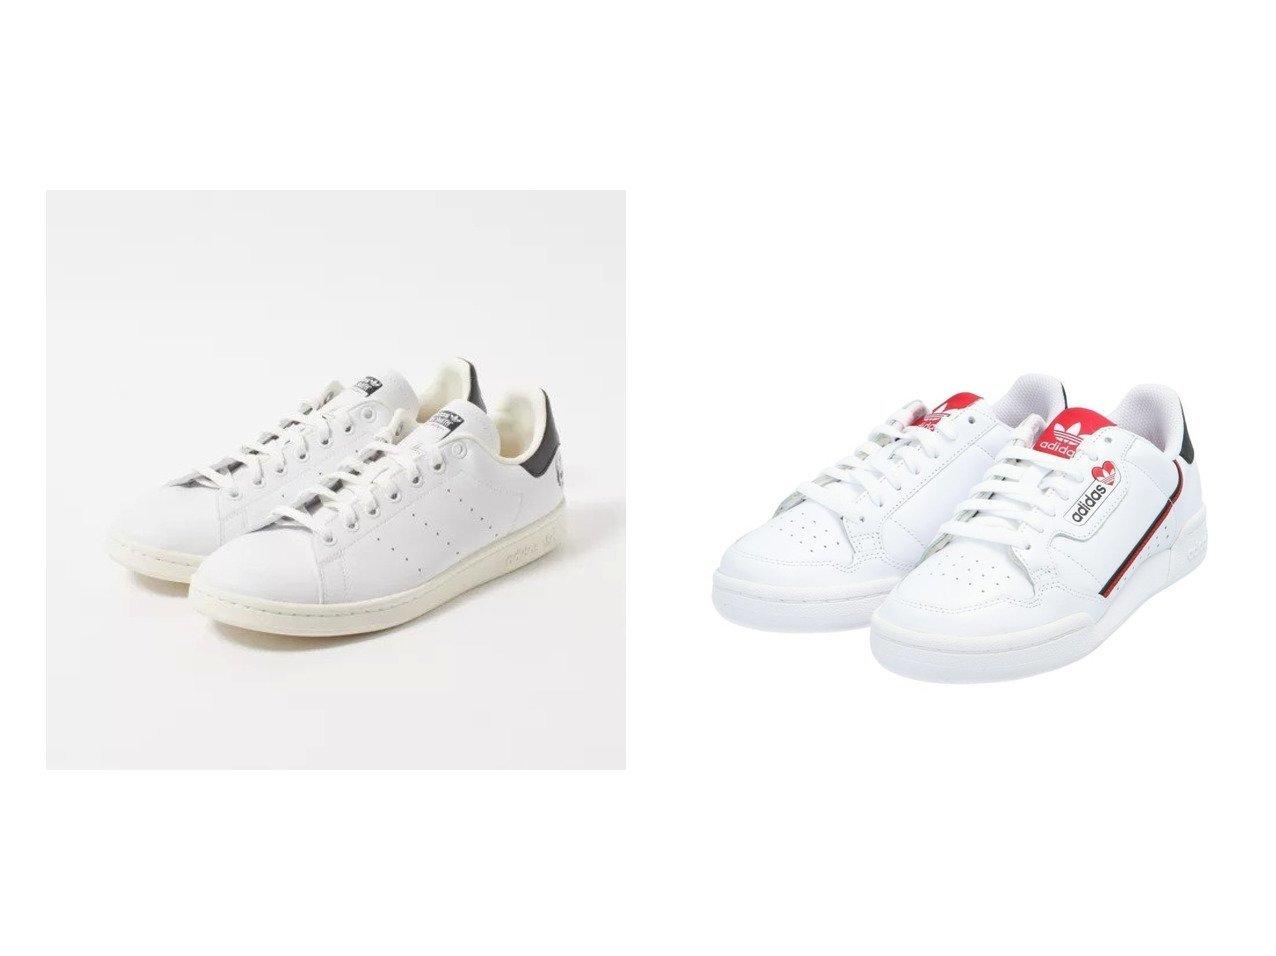 【adidas Originals/アディダス オリジナルス】のコンチネンタル 80 Continental 80 アディダスオリジナルス&STAN SMITH シューズ・靴のおすすめ!人気、トレンド・レディースファッションの通販 おすすめで人気の流行・トレンド、ファッションの通販商品 メンズファッション・キッズファッション・インテリア・家具・レディースファッション・服の通販 founy(ファニー) https://founy.com/ 雑誌掲載アイテム Magazine items ファッション雑誌 Fashion magazines リー LEE ファッション Fashion レディースファッション WOMEN 3月号 イラスト シューズ スニーカー 定番 Standard 雑誌 NEW・新作・新着・新入荷 New Arrivals ジャケット スポーツ スリッポン デニム ミックス |ID:crp329100000023906